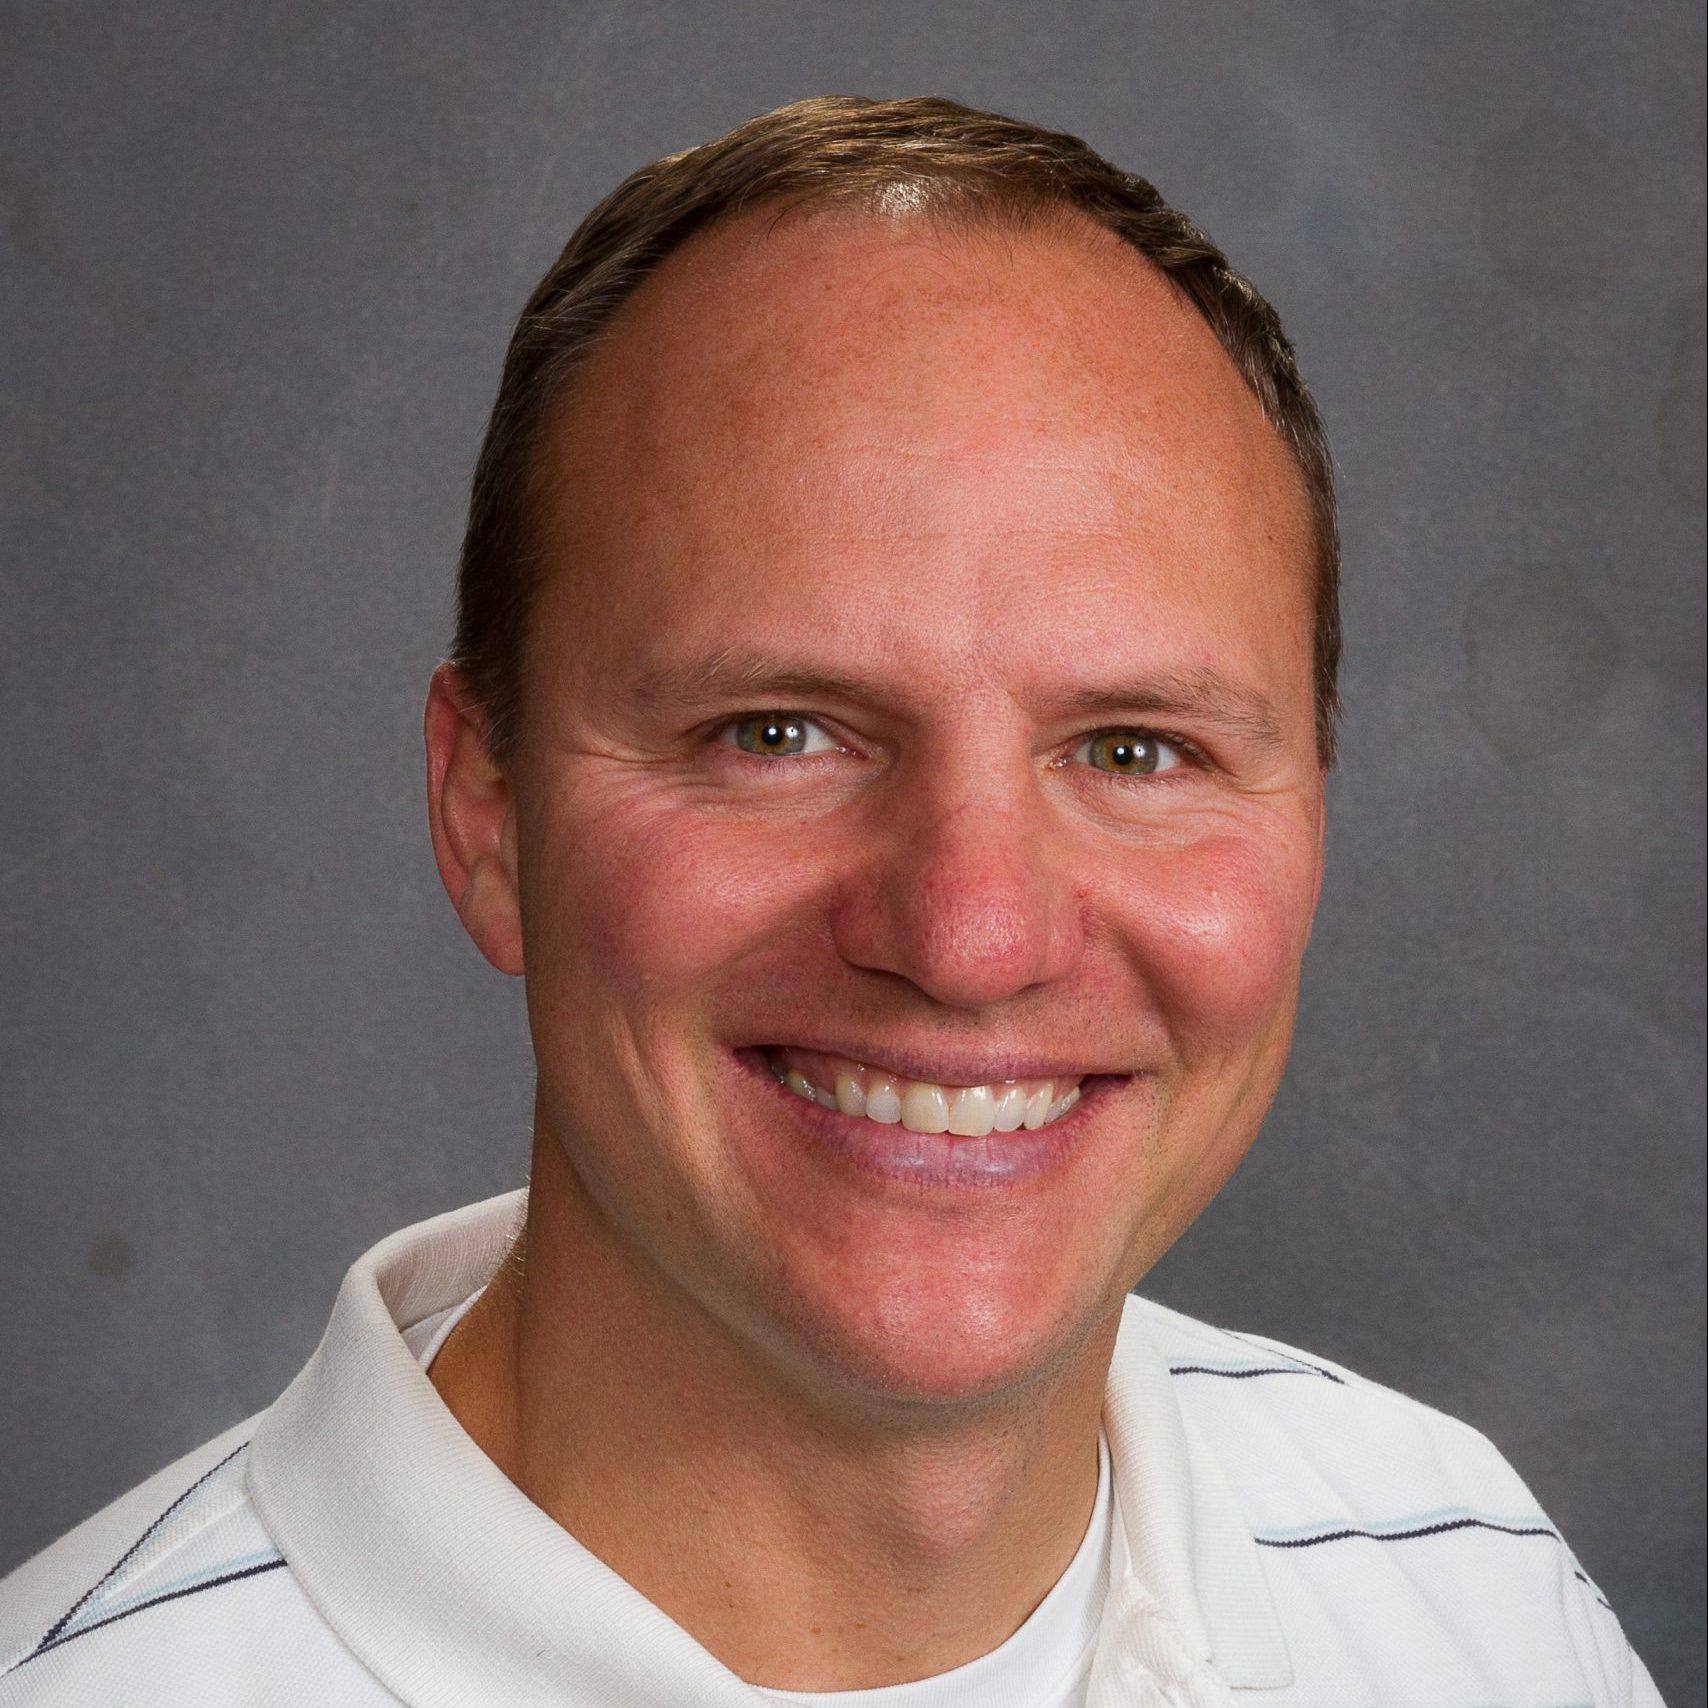 Erik Hart